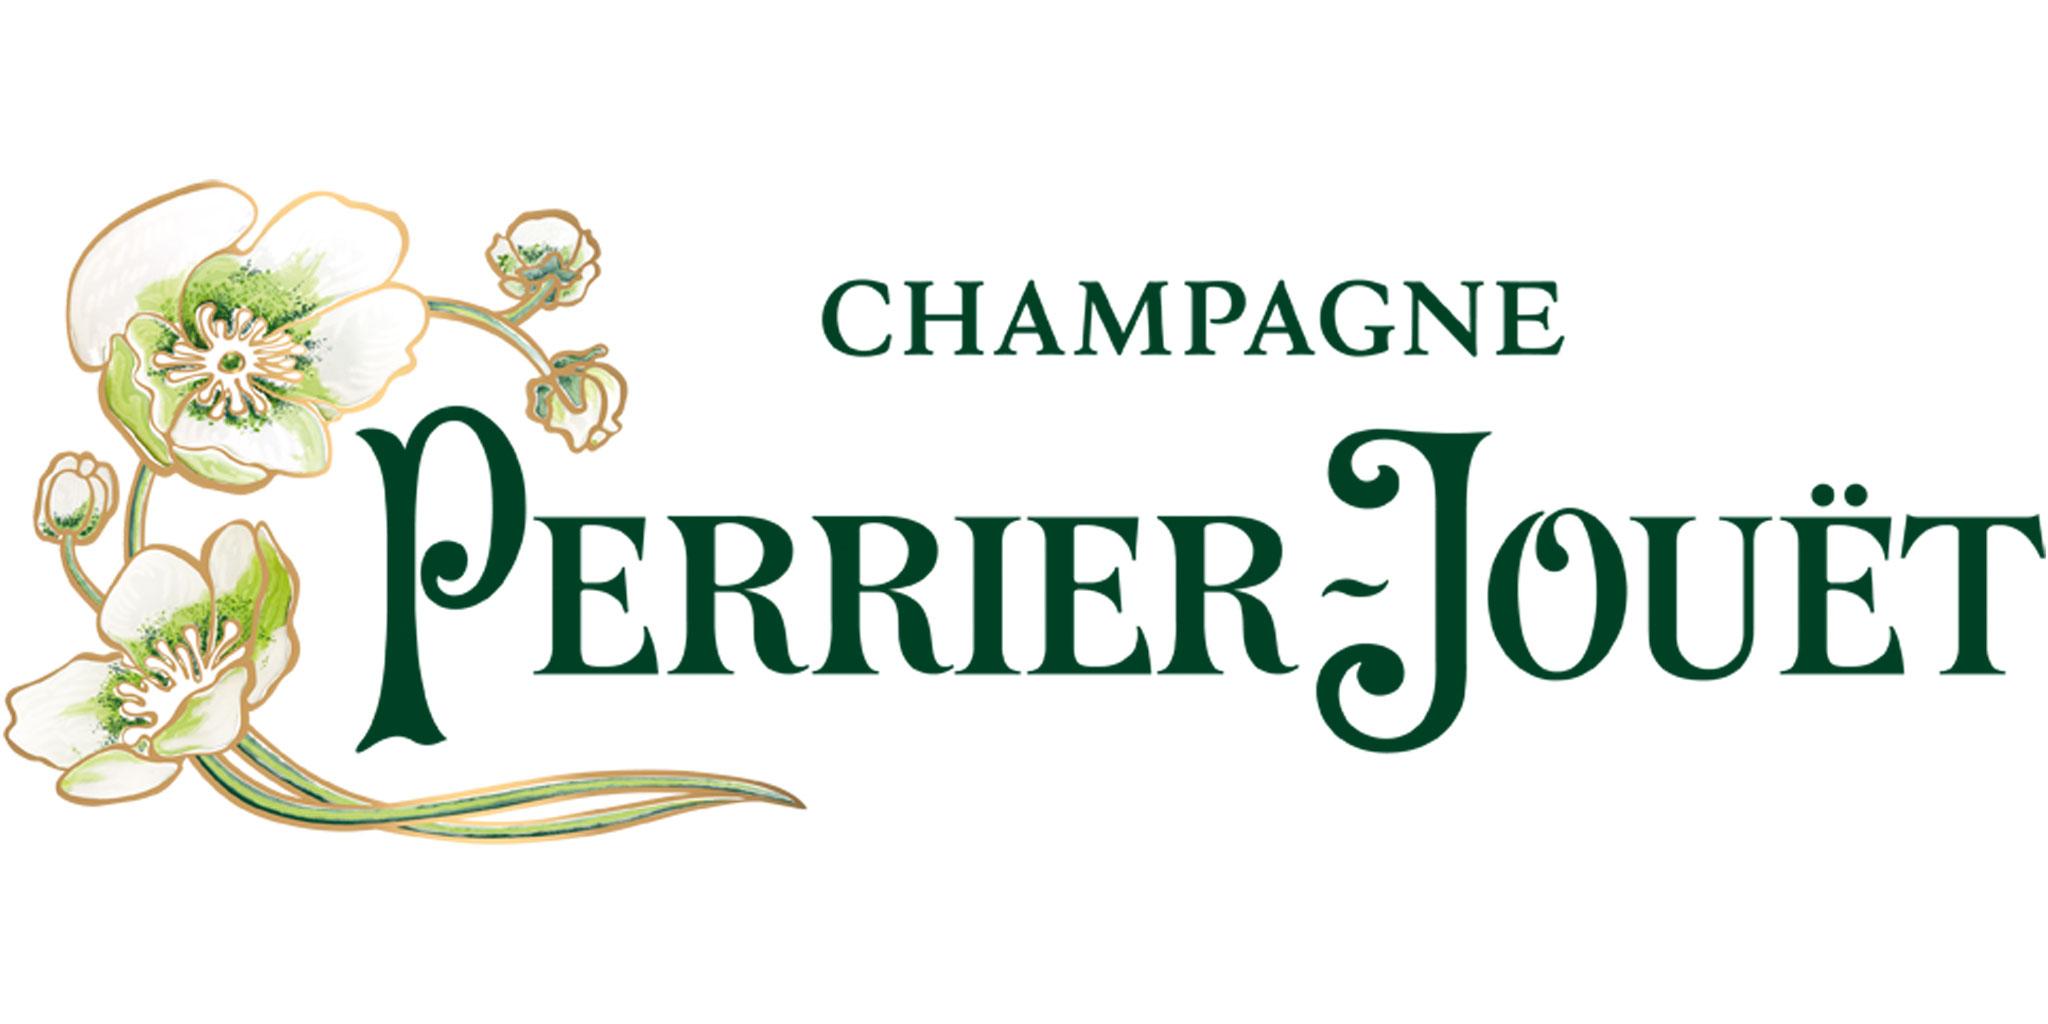 Perrier-Jouet logo